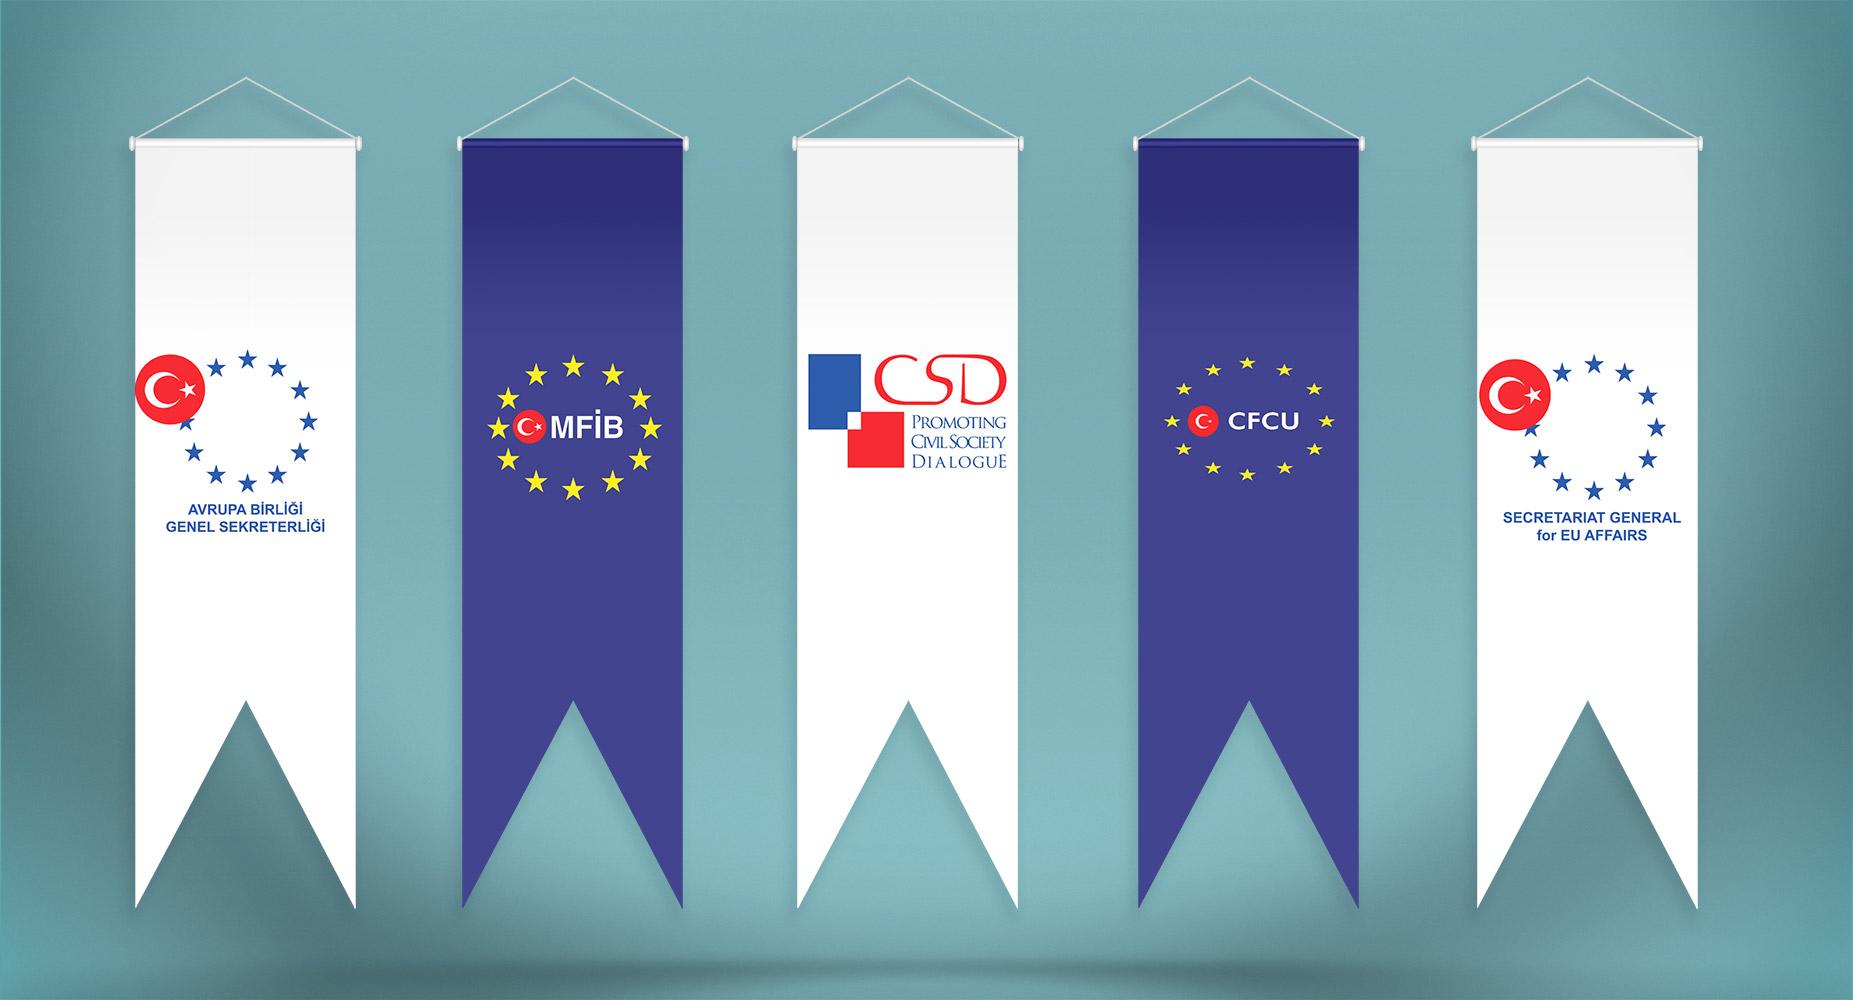 Proje Tanıtımı - ALTSO - Avrupa Birliği Genel Sekreterliği